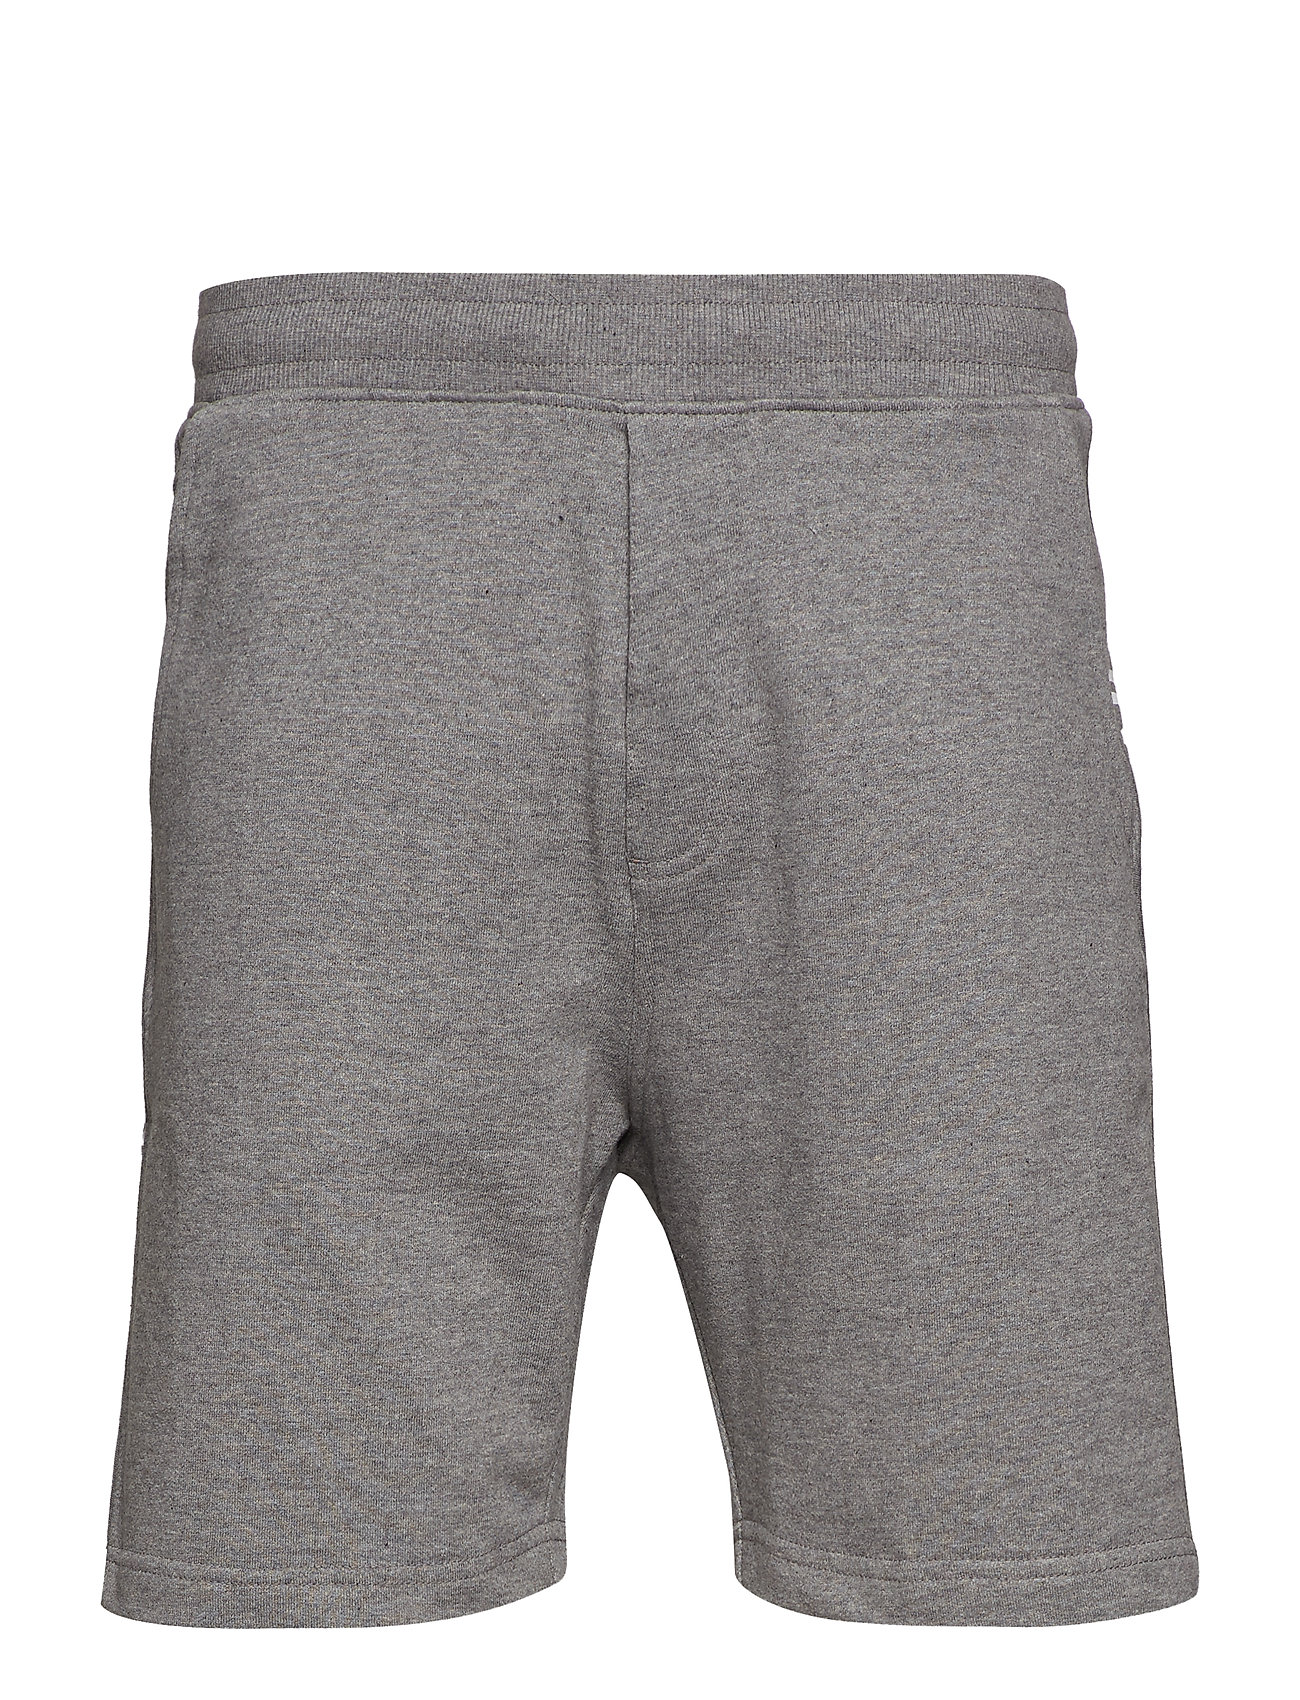 Institutional Shortgrey HeatherCalvin Klein Side Jeans 6byvY7fg